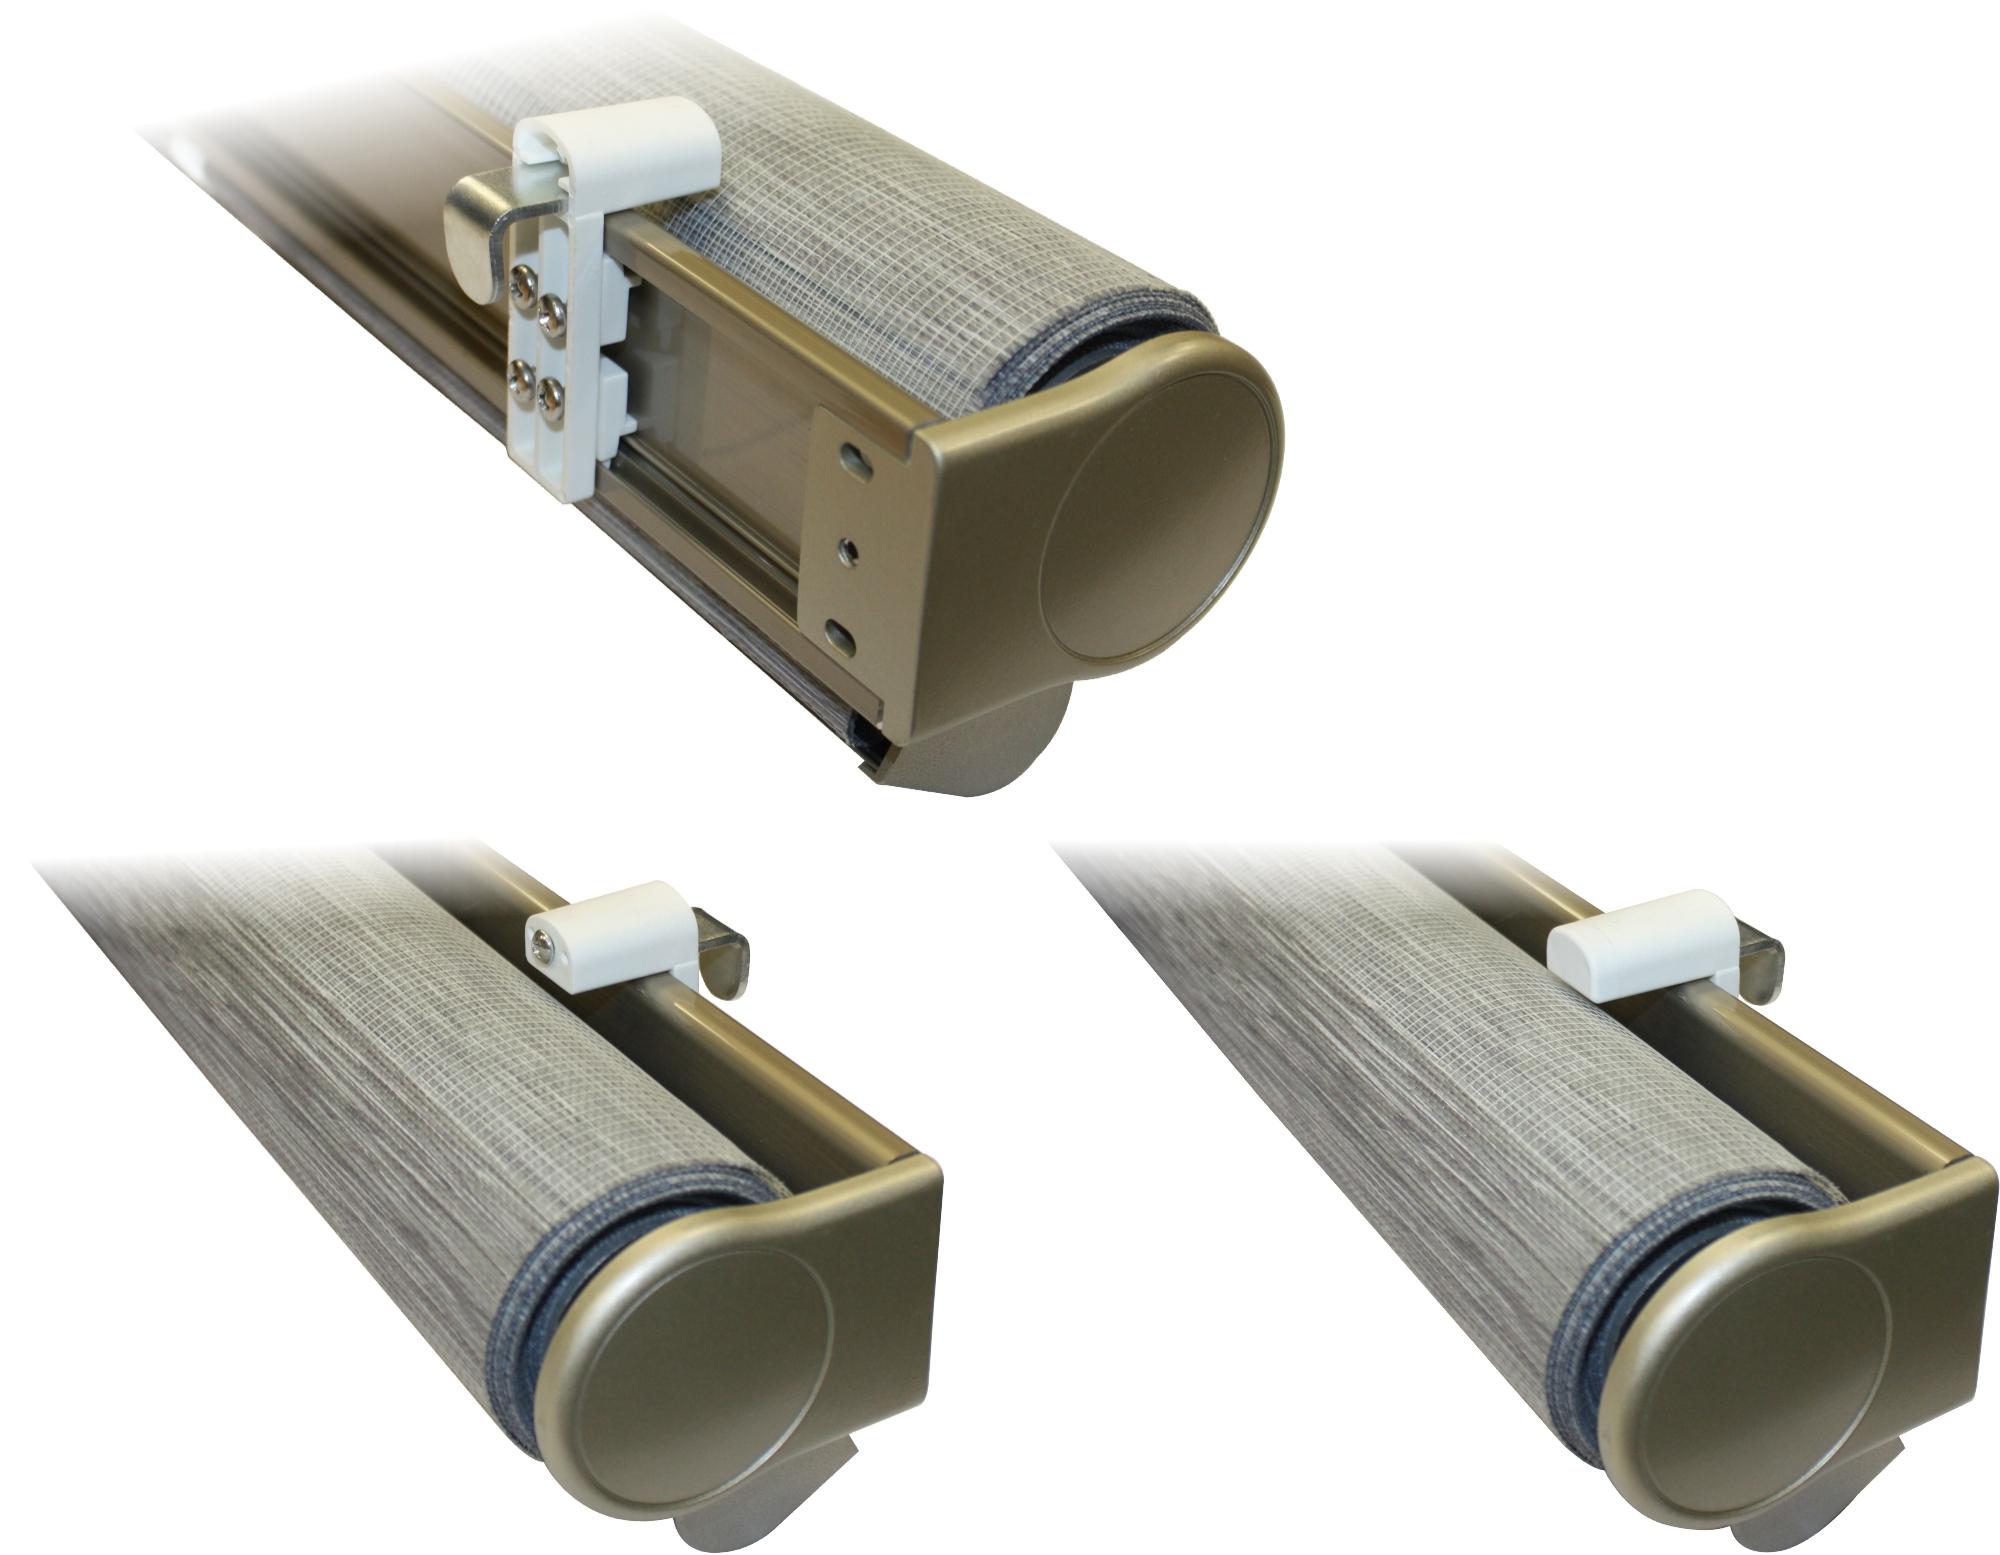 heicko e ast gmbh 2x klemmlager f r rollos mit f hrungsschiene 5 25 mm rahmenst rke. Black Bedroom Furniture Sets. Home Design Ideas